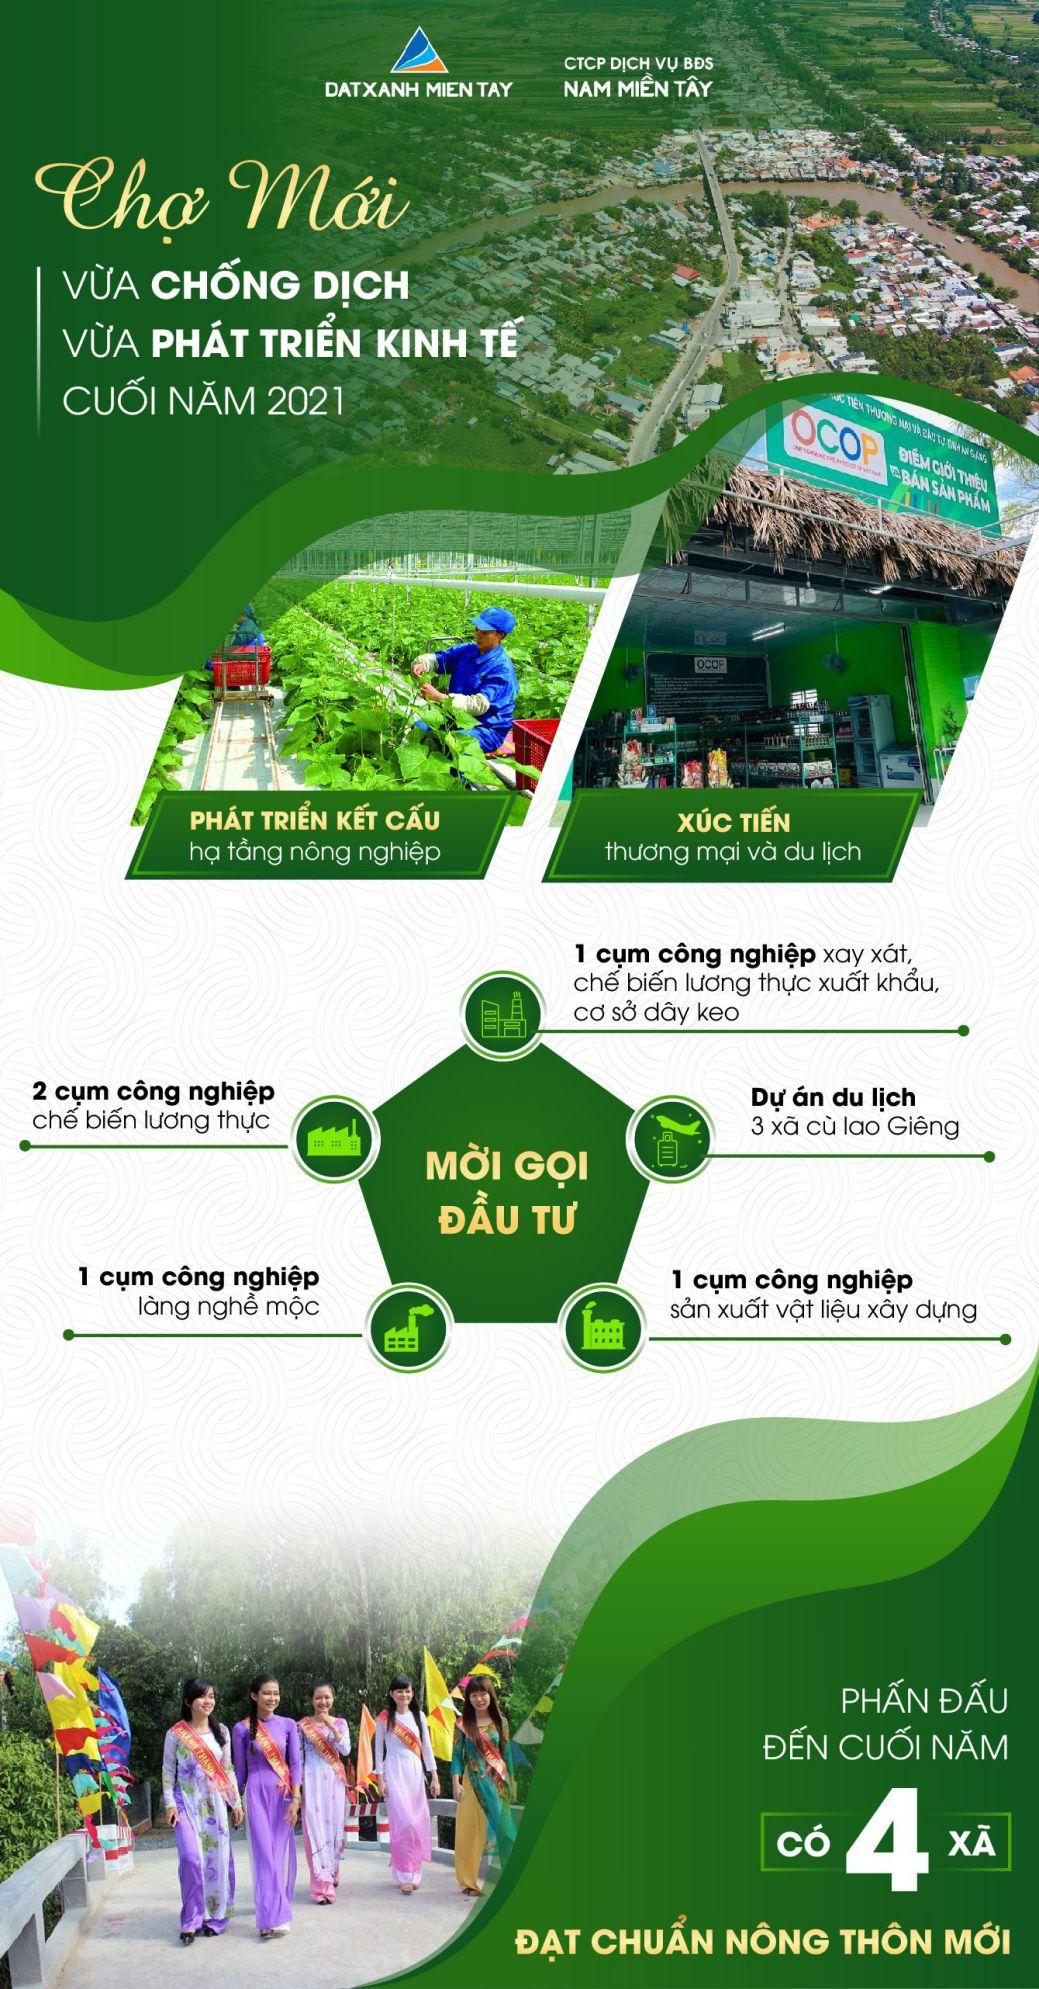 Infographic về mục tiêu phát triển kinh tế 6 tháng cuối năm Chợ Mới. Nguồn: Bất Động Sản Nam Miền Tây